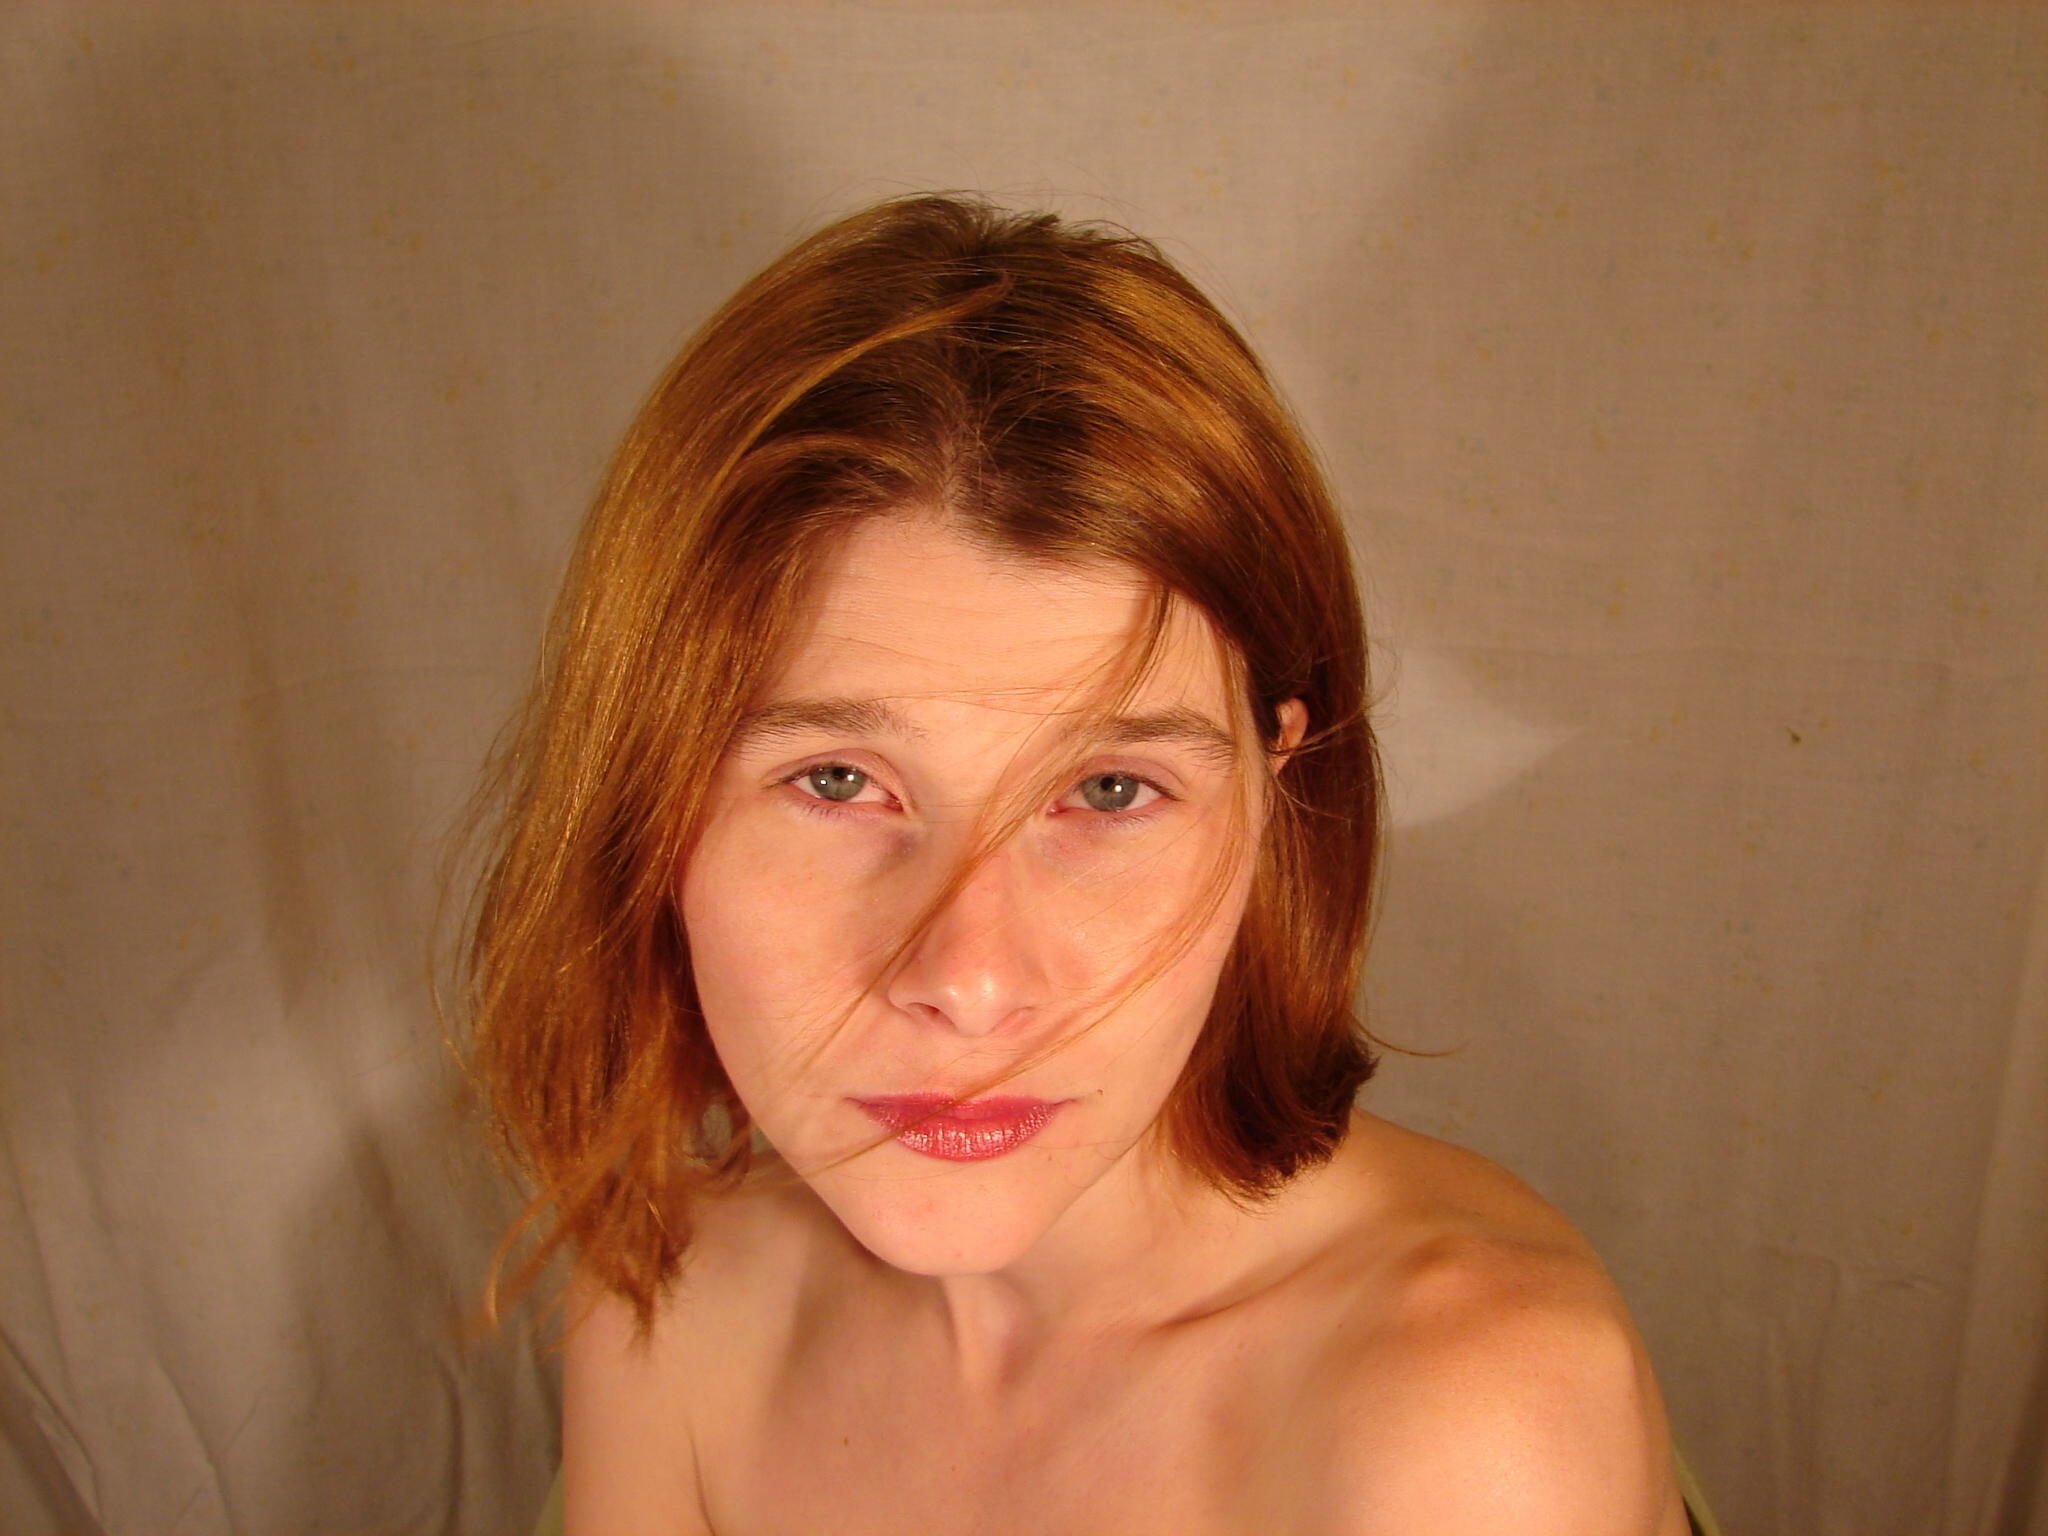 imgchili natural angels 33 photo sexy girls